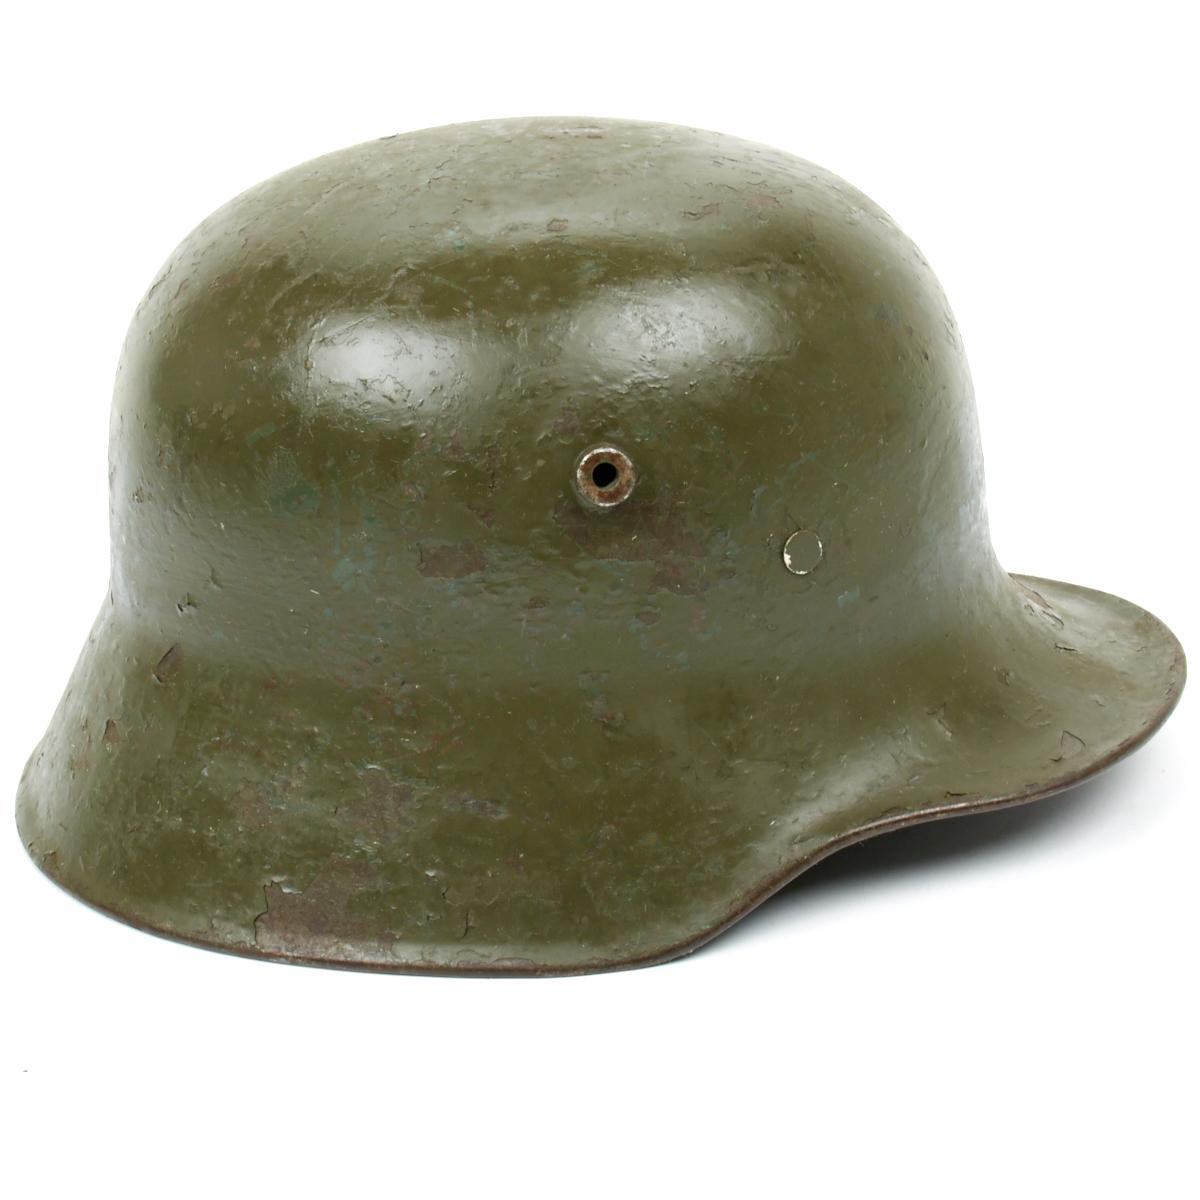 German Ww1 Helmet Markings